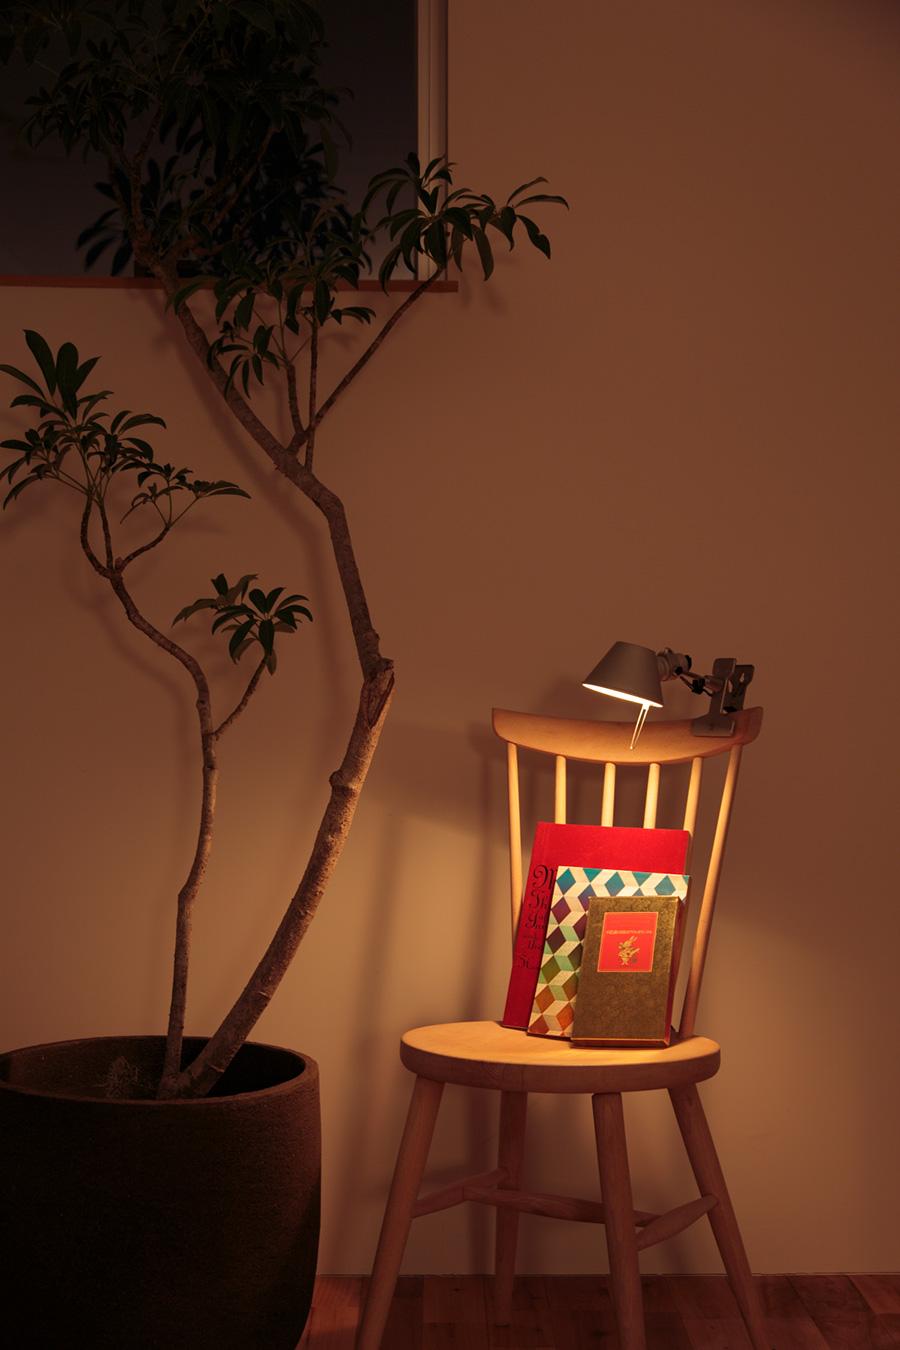 椅子の背もたれや棚など、様々なところに挟めるクリップライト。小型でシンプルなものがあれば使いやすく、簡単な間接照明として、ディスプレイコーナーのライトとして活躍。